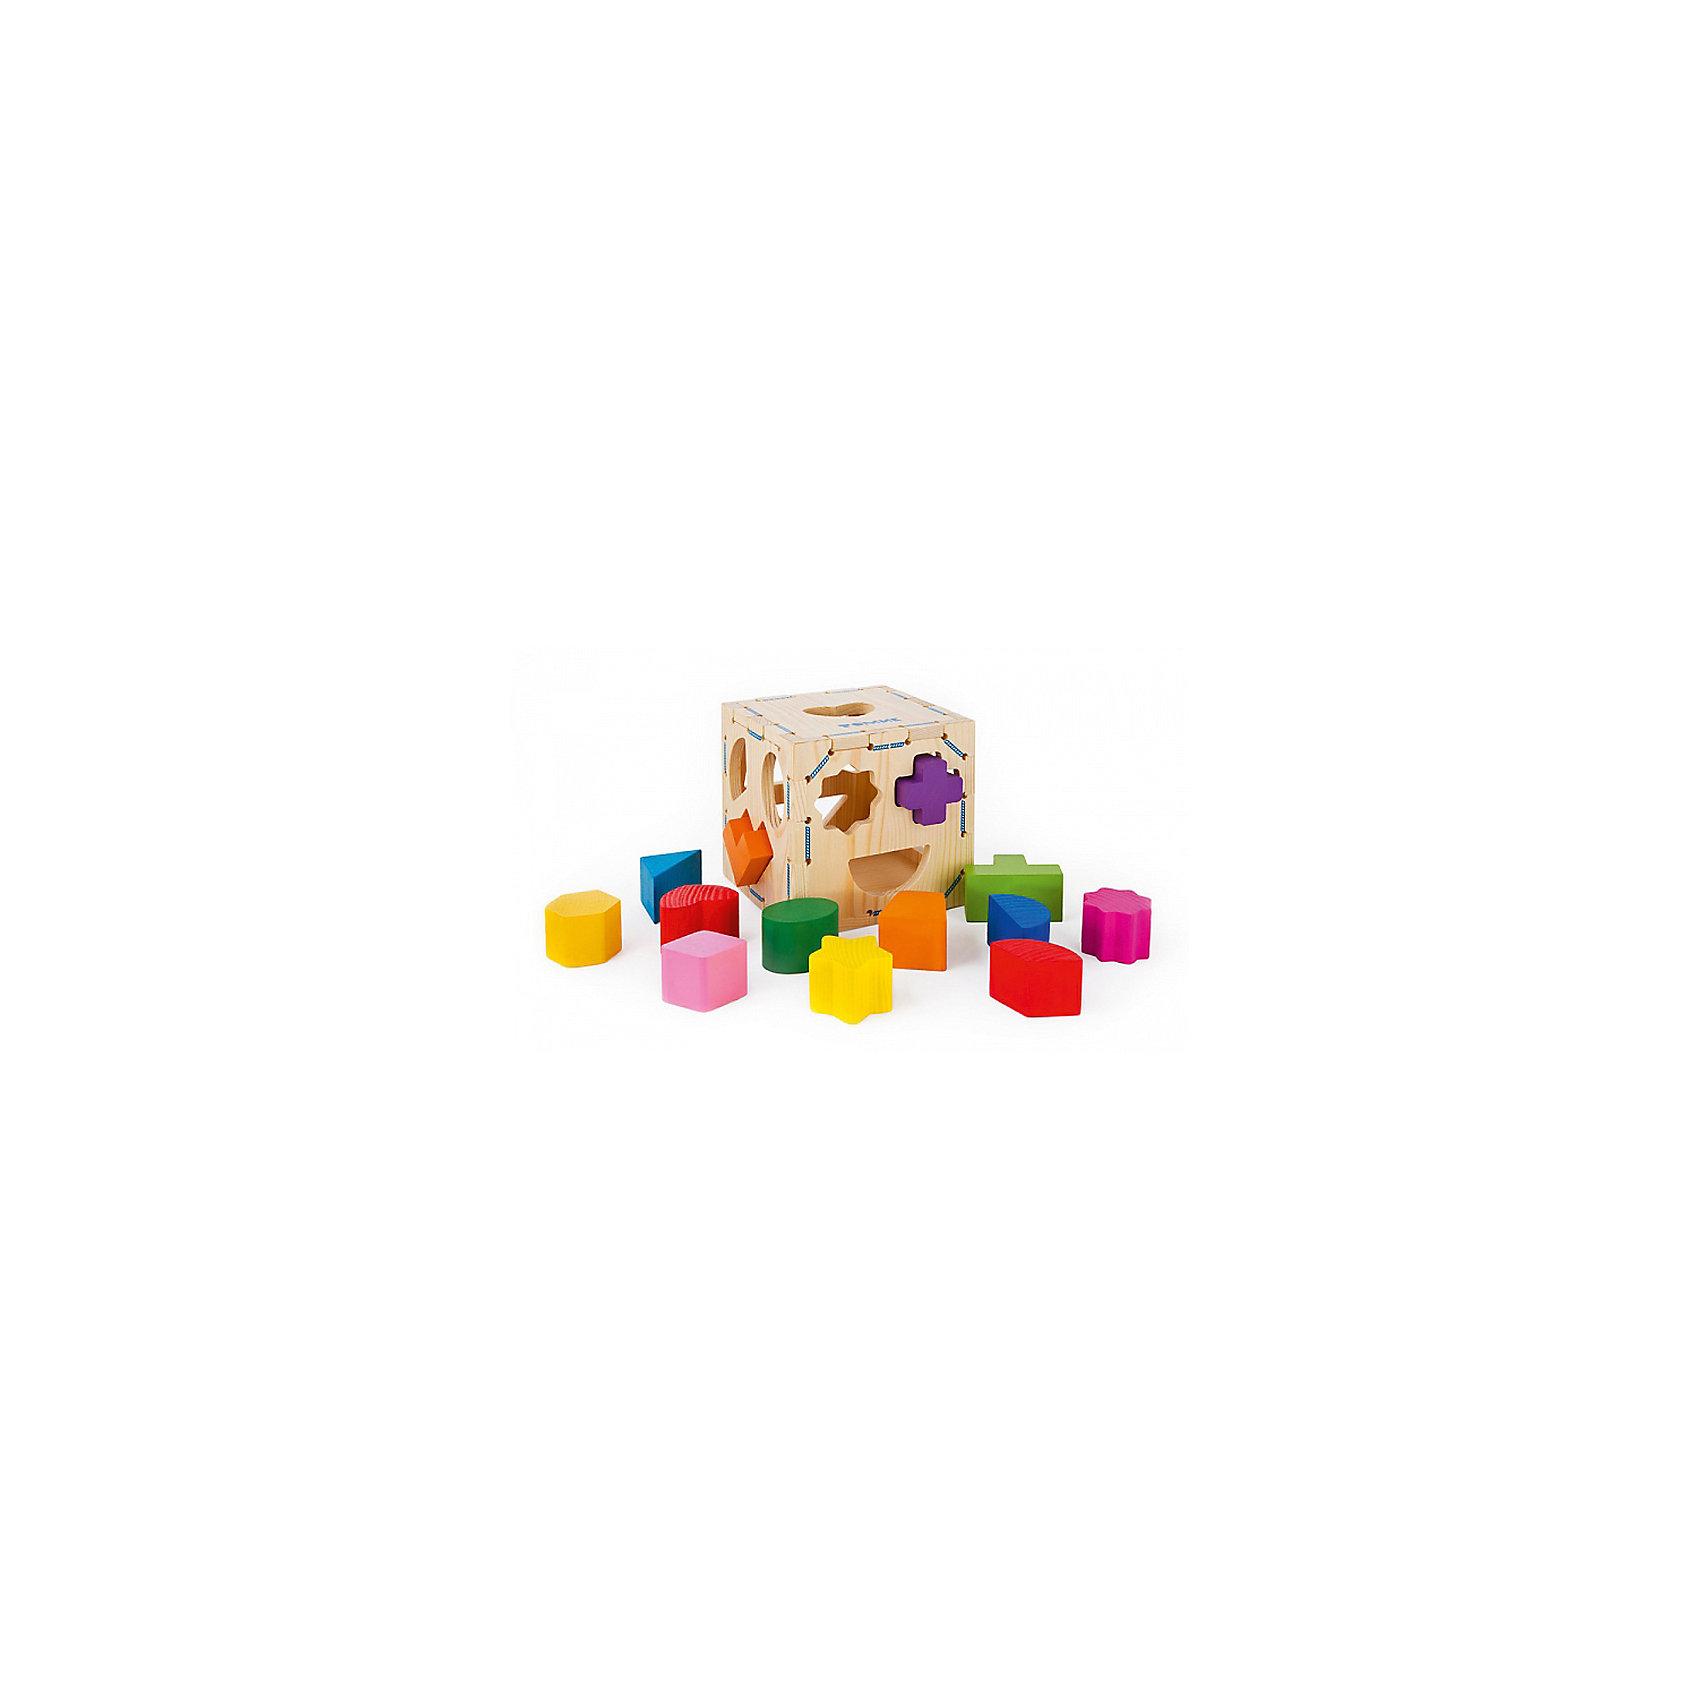 Сортер   Геометрические фигуры, 14 деталей,  ТомикСортеры<br>Сортер «Геометрические фигуры», 14 деталей, Томик – развивающая игрушка-головоломка для развития мелкой моторики, координации и логики ребенка.<br><br>Классификация, или сортировка – это важный навык, которому должен научиться ребенок. Благодаря этому сортеру ребенок познакомится с различными формами и цветами. Задача ребенка – подобрать для определенной геометрической фигуры соответствующее ей отверстие. Снимающаяся верхняя крышка позволяет доставать элементы из сортера. <br> <br>Комплектация:<br>- коробка-сортер<br>- 13 разнообразных геометрических форм<br><br>Дополнительная информация:<br><br>- размер сортера: 12х12х12 см, толщина стенки 7 мм<br>- вес: 520 г<br>- материал: дерево<br><br>Сортер «Геометрические фигуры», 14 деталей, Томик – отличный подарок для ребенка, который  надолго увлечет его и поможет в приобретении необходимых навыков.<br><br>Сортер «Геометрические фигуры», 14 деталей, Томик можно купить в нашем магазине.<br><br>Ширина мм: 120<br>Глубина мм: 120<br>Высота мм: 120<br>Вес г: 550<br>Возраст от месяцев: 12<br>Возраст до месяцев: 36<br>Пол: Унисекс<br>Возраст: Детский<br>SKU: 3574610